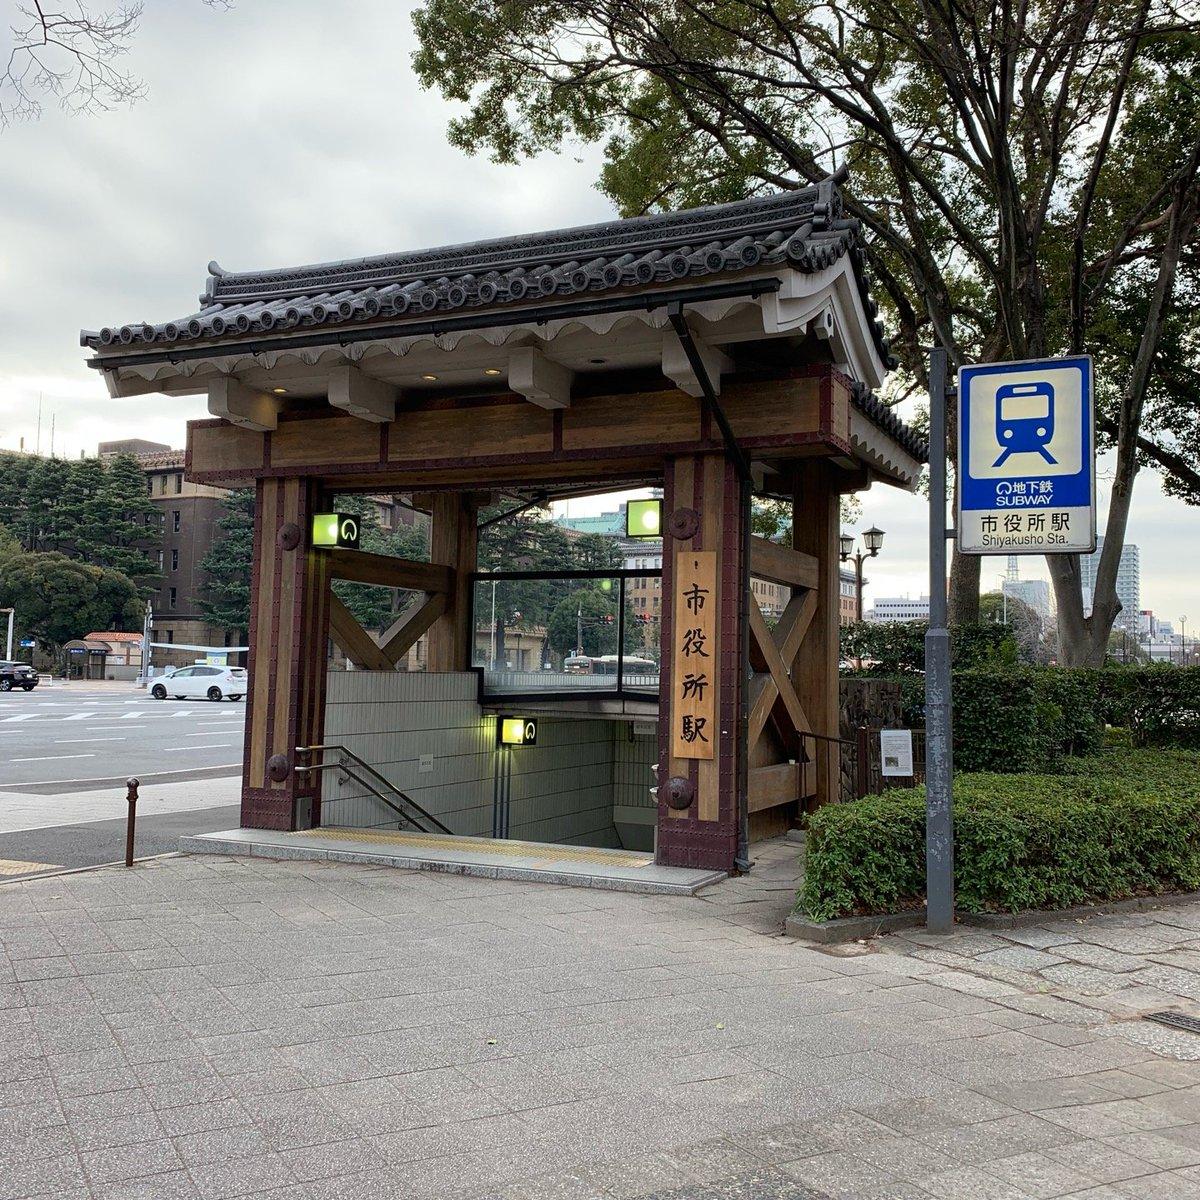 名古屋市営地下鉄 名城線 市役所駅 7番出口